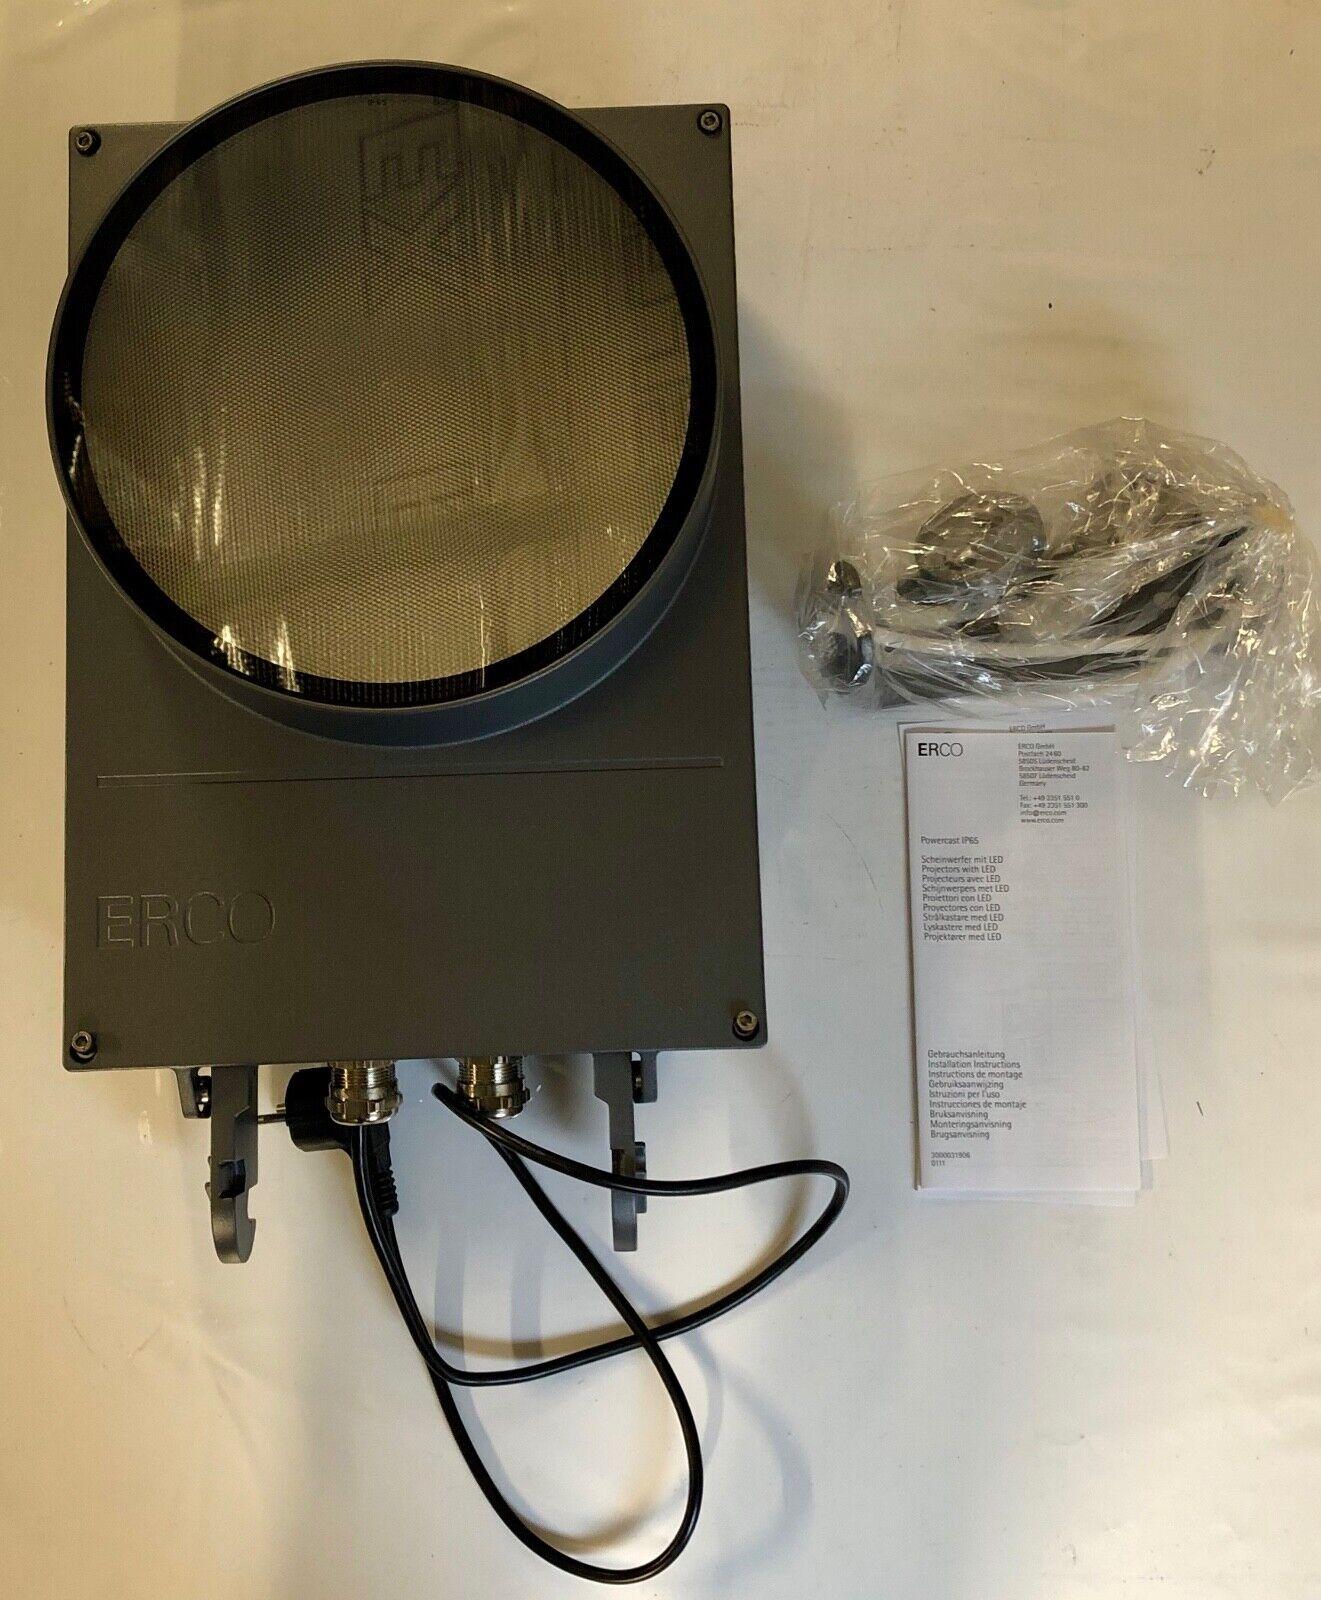 Erco Powercast Scheinwerfer (1034311000) Graphit